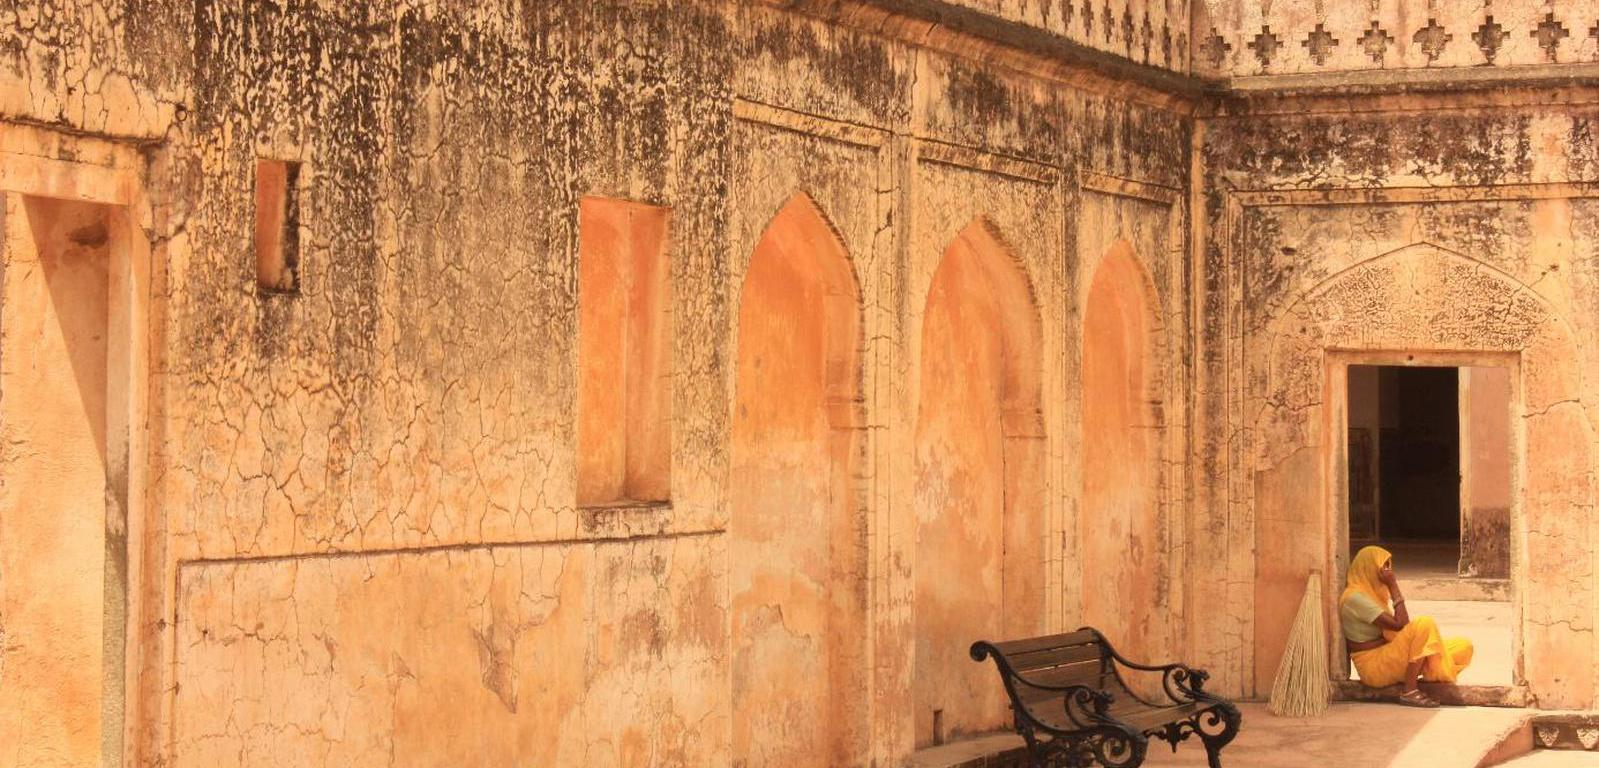 Soladel - Jaipur - Scarletpost La culture des idées